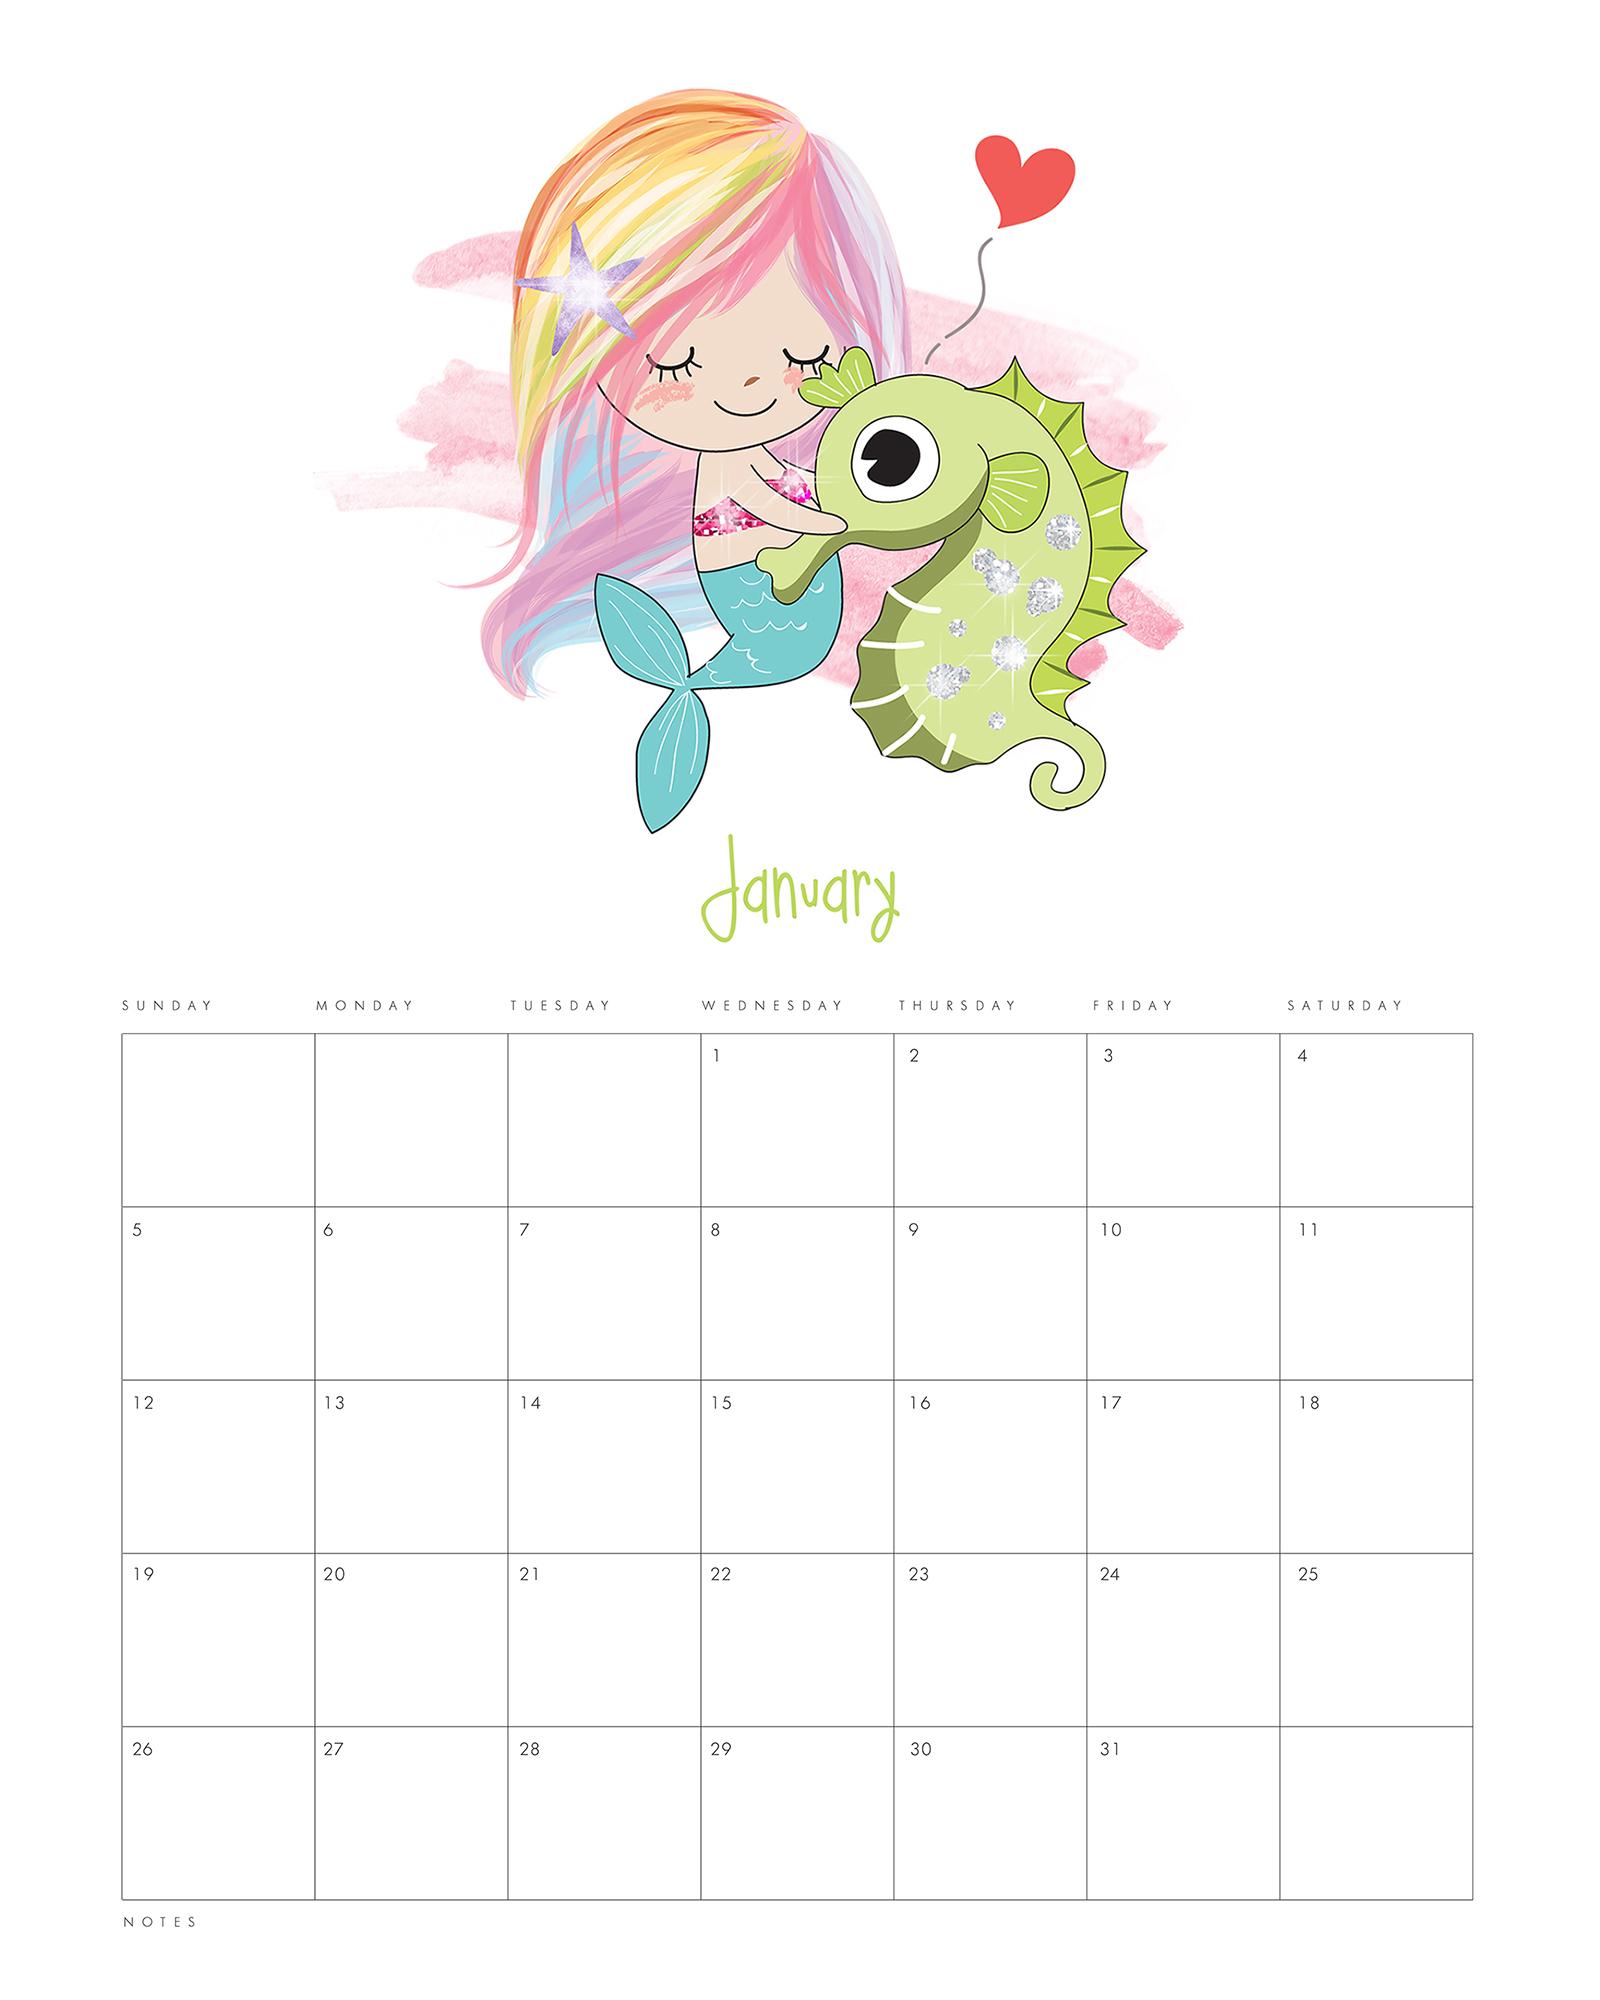 Free Printable 2020 Kawaii Mermaid Calendar - The Cottage Market